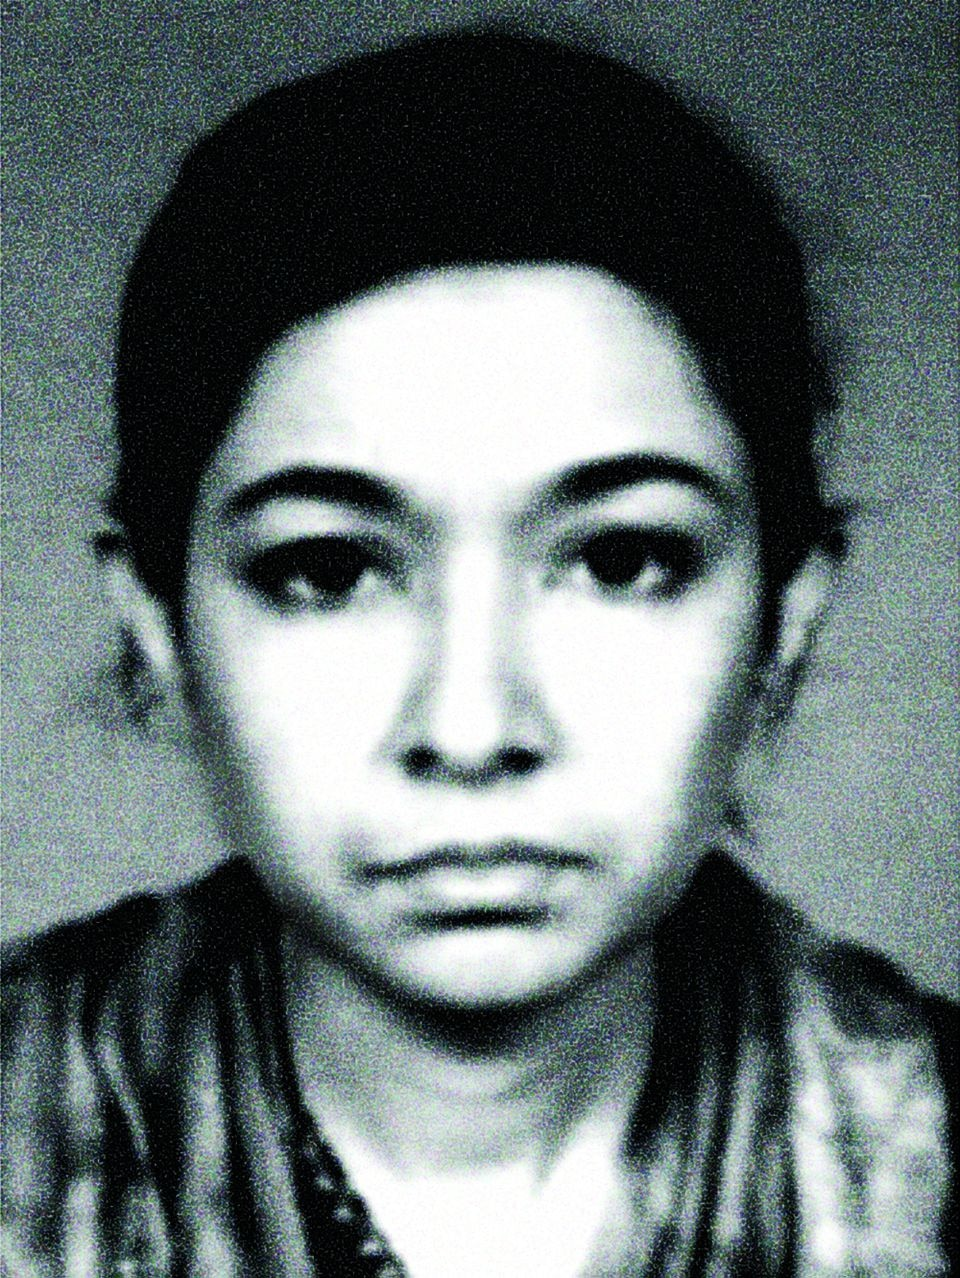 Aafia Siddiqui.